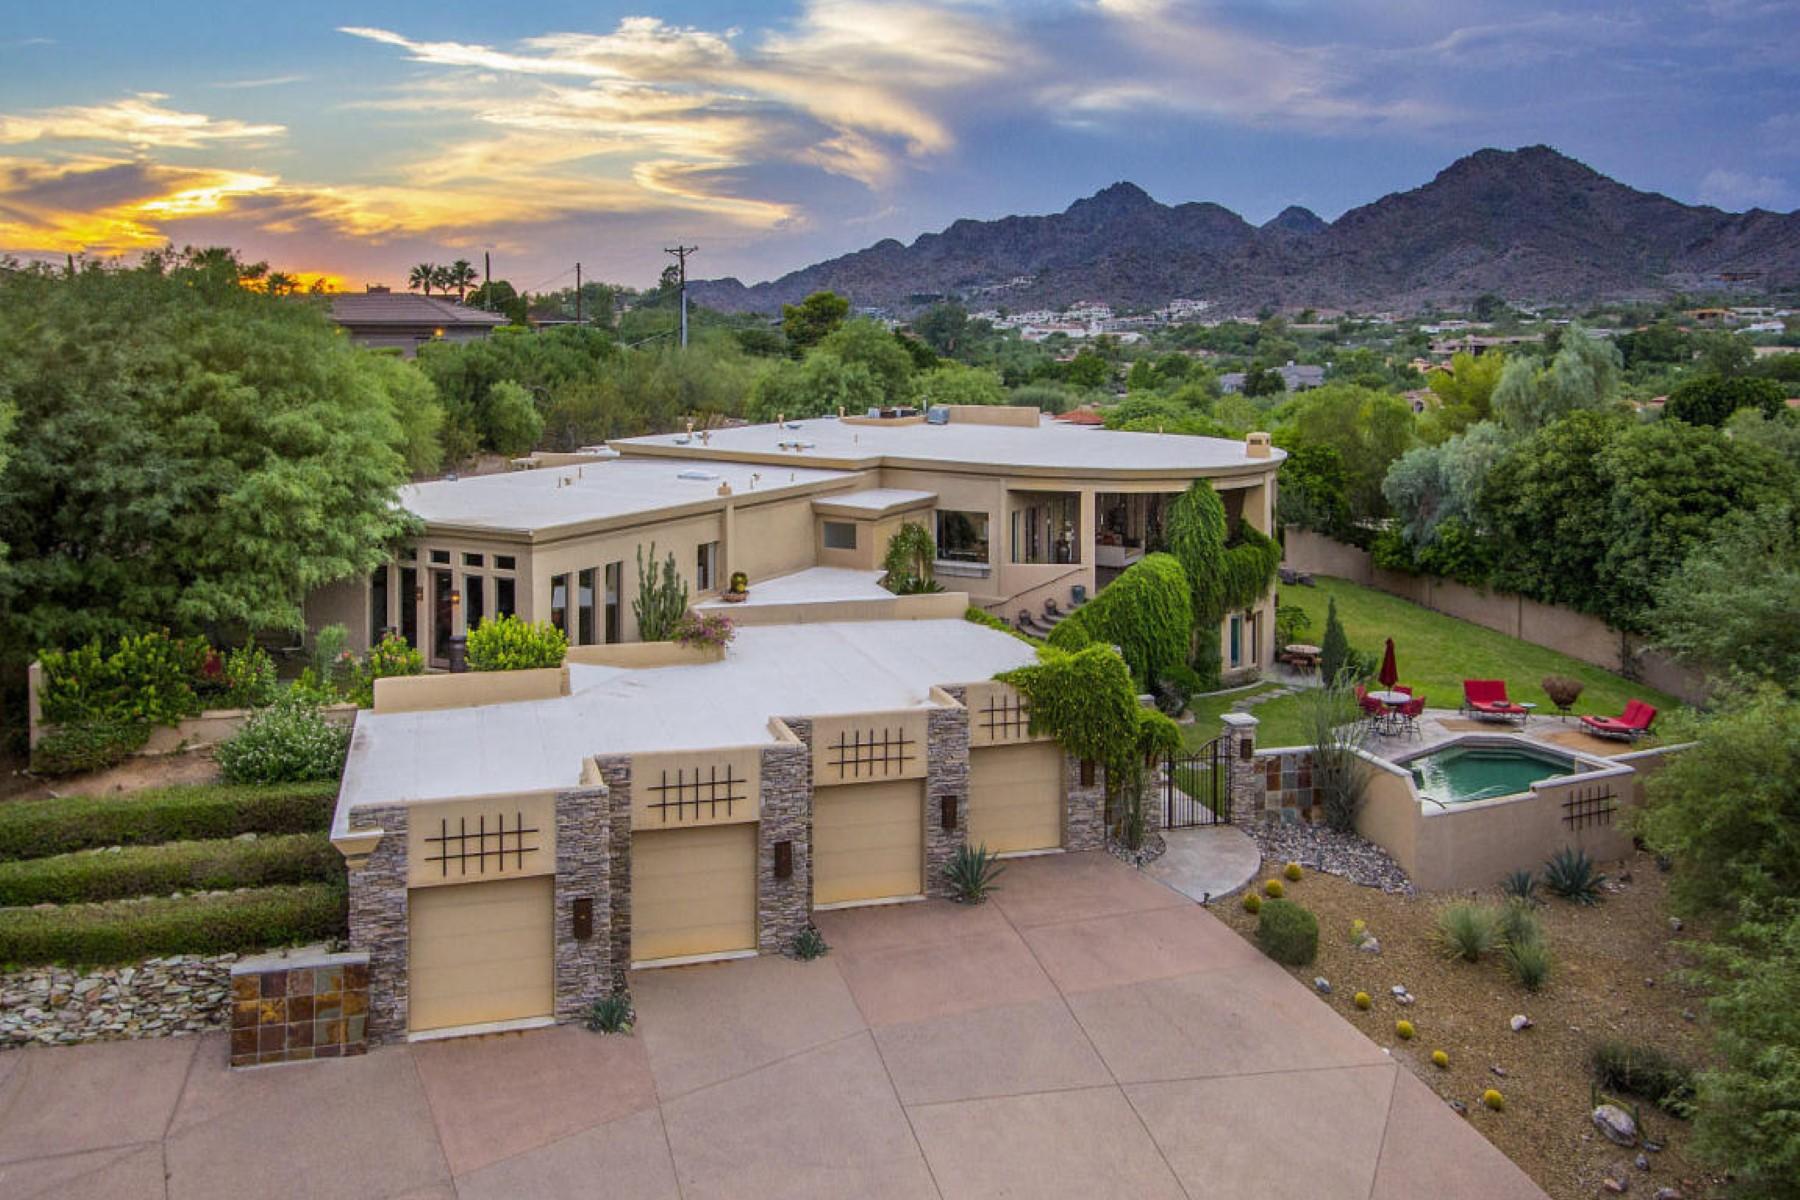 Частный односемейный дом для того Продажа на Breathtaking Camelback Mountain views from this architecturally designed home 6134 N 44th St Paradise Valley, Аризона, 85253 Соединенные Штаты